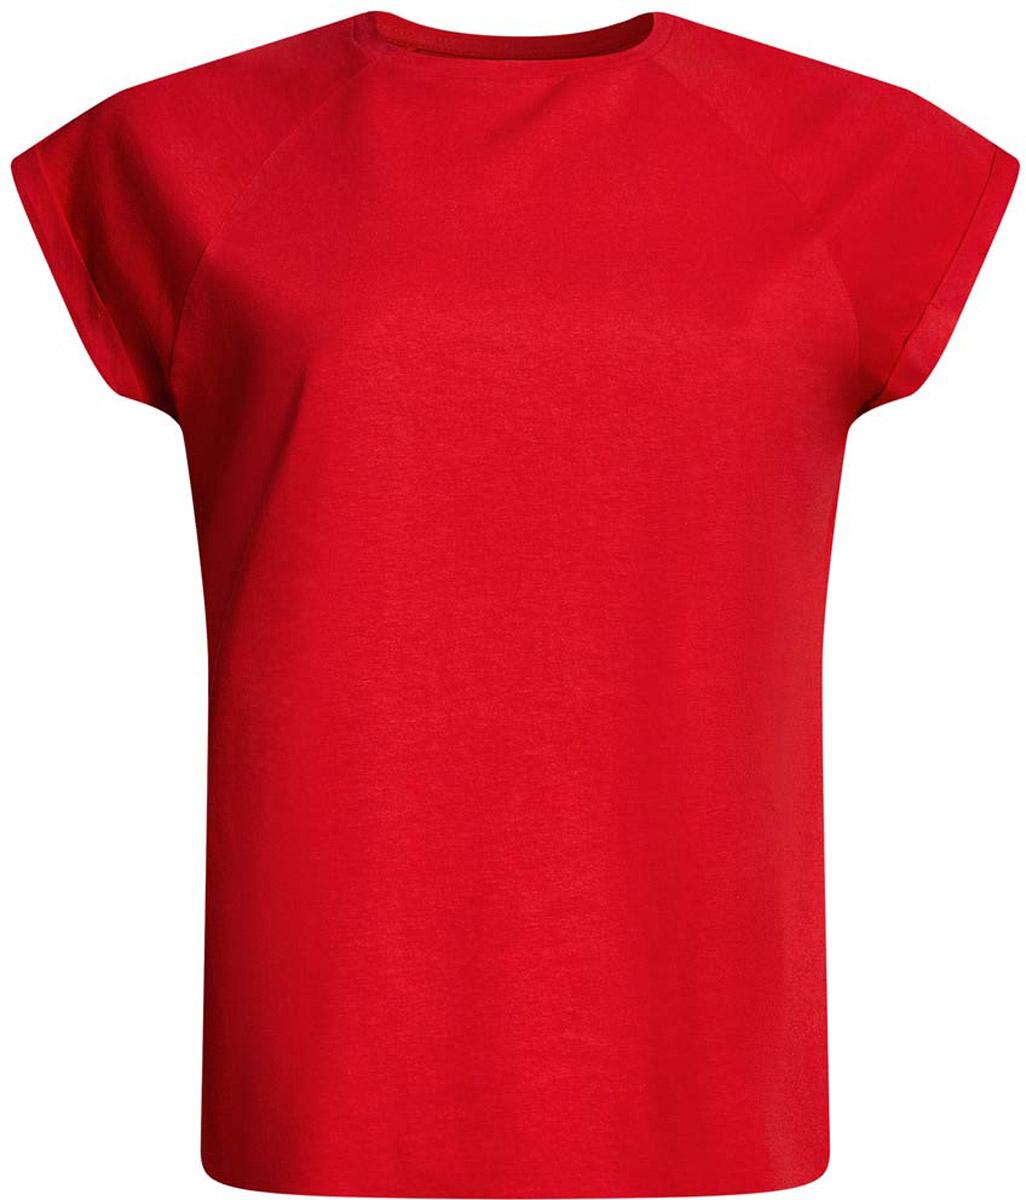 Футболка женская oodji Ultra, цвет: красный. 14707001-4B/46154/4500N. Размер M (46)14707001-4B/46154/4500NЖенская футболка выполнена из хлопка. Модель с круглым вырезом горловины и короткими рукавами реглан, дополненными отворотом.